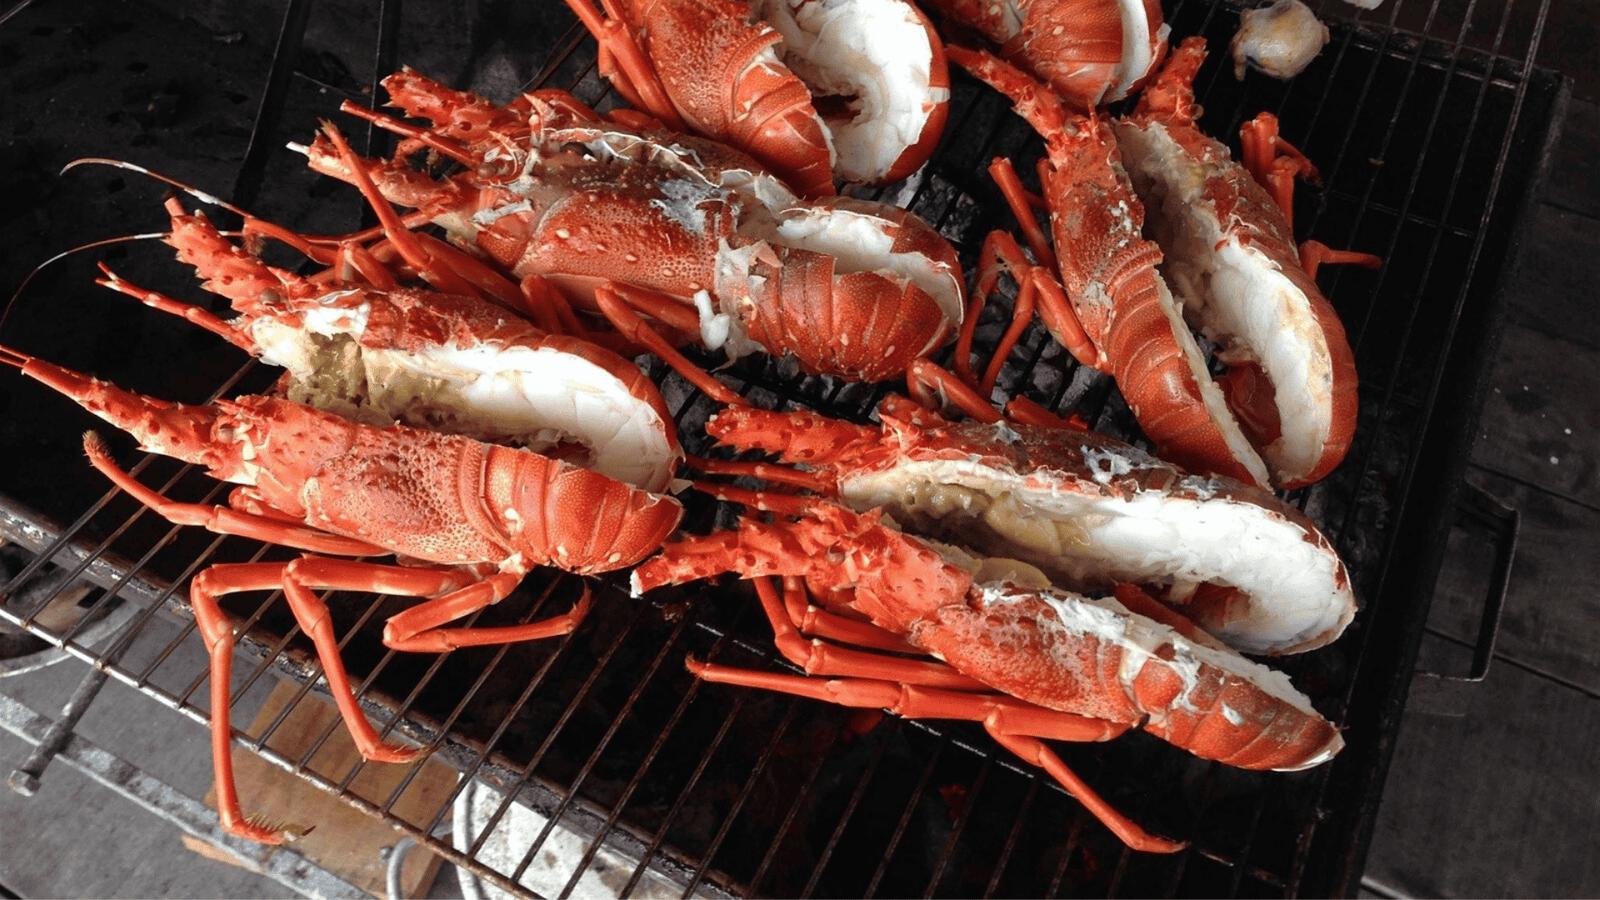 Các bạn hoàn toàn có thể tự tổ chức tiệc nướng hải sản trên biển Bãi Vừng